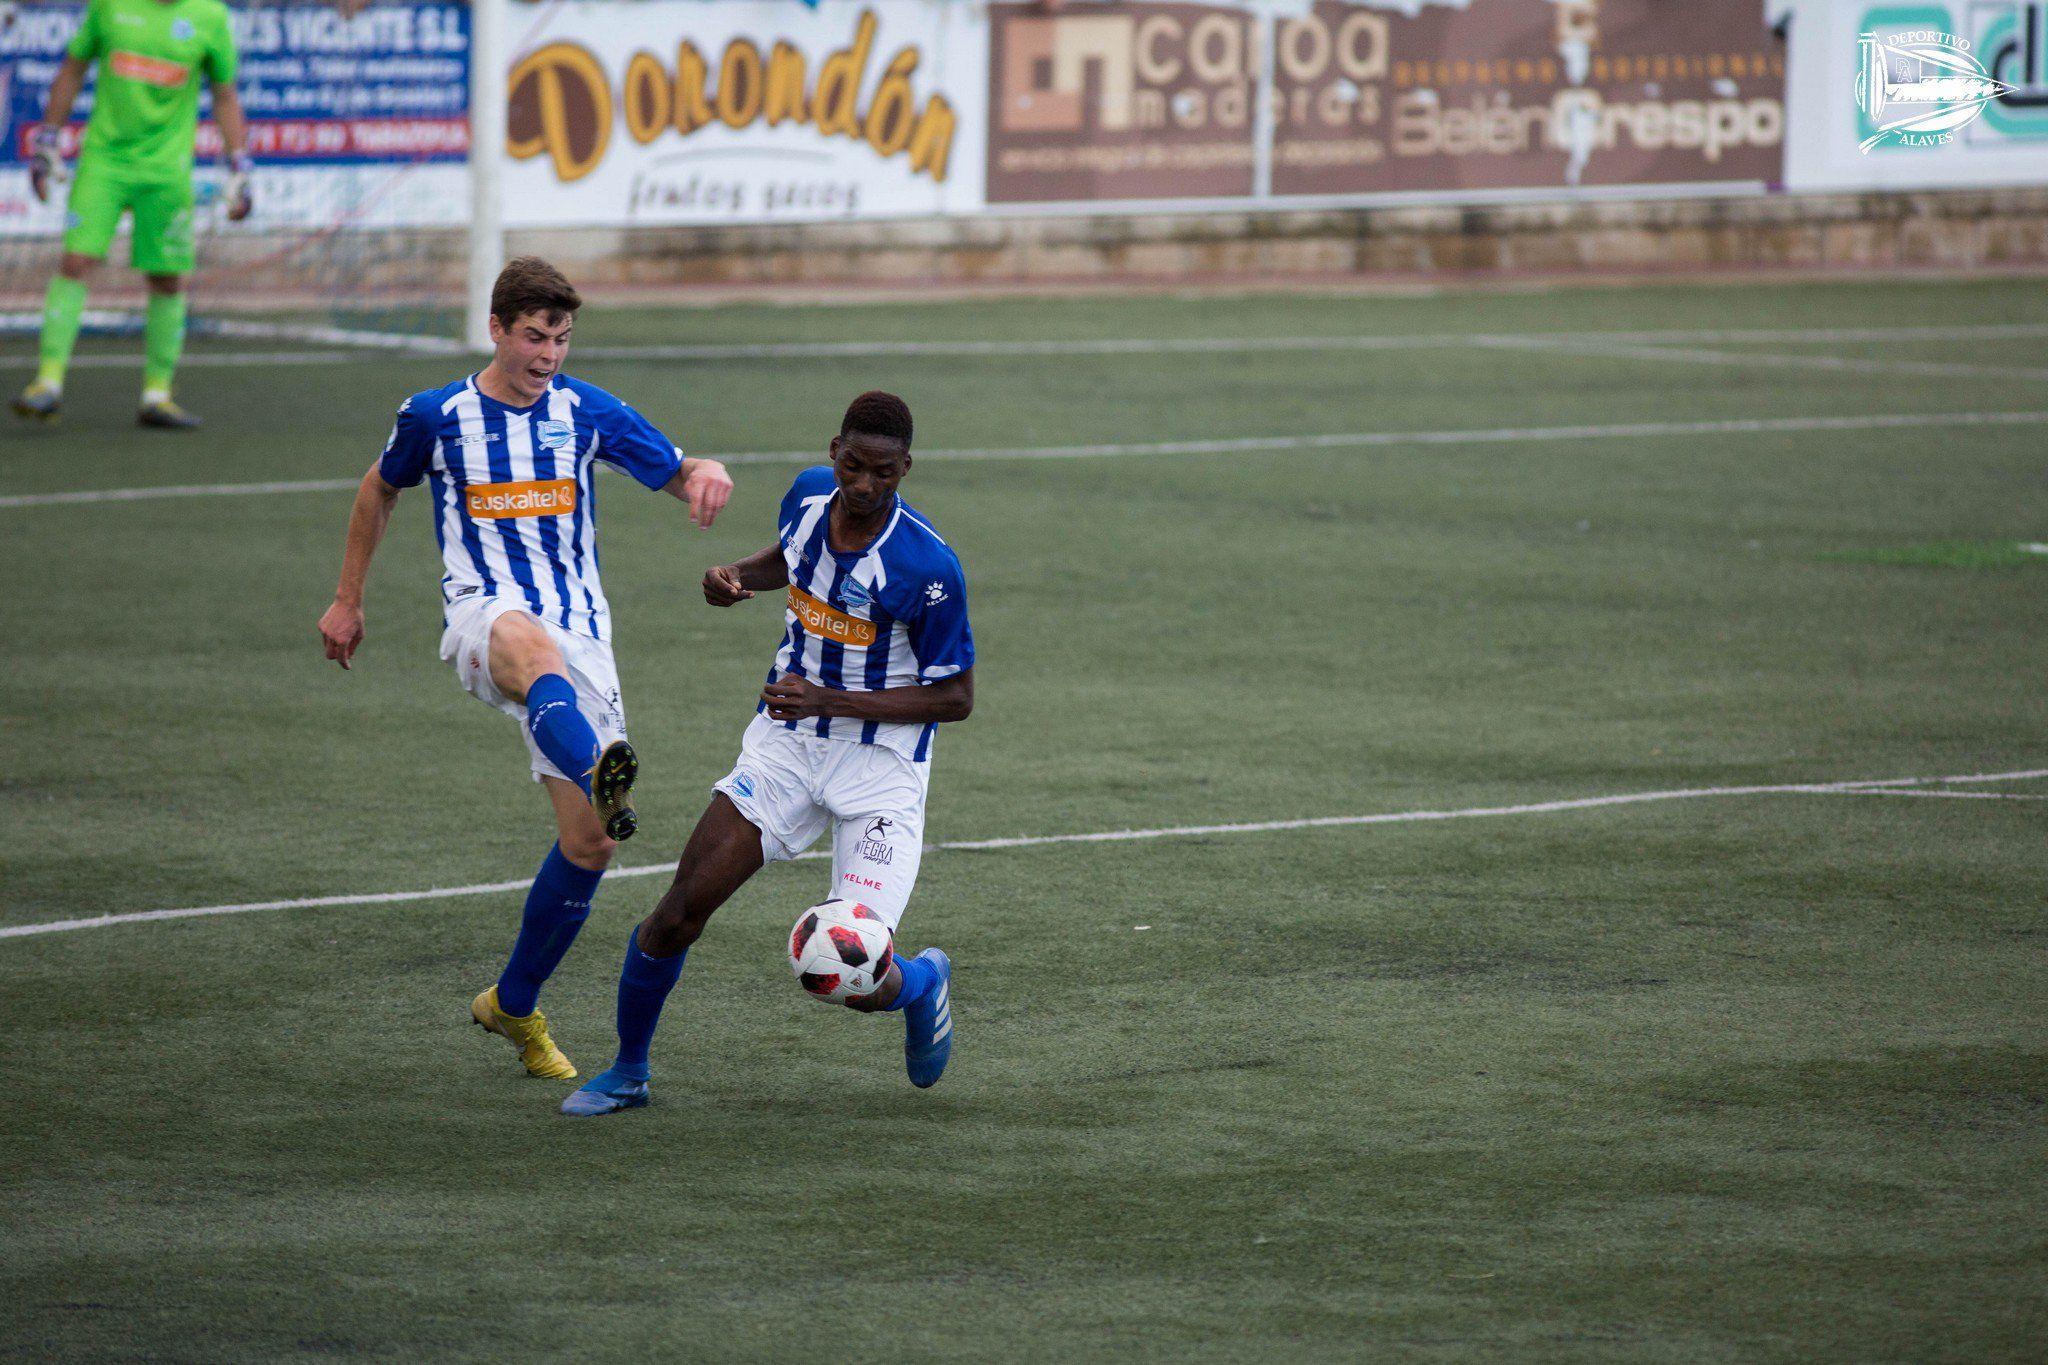 El 'Miniglorias' logró el ascenso en un partido con mucha polémica en Tarazona